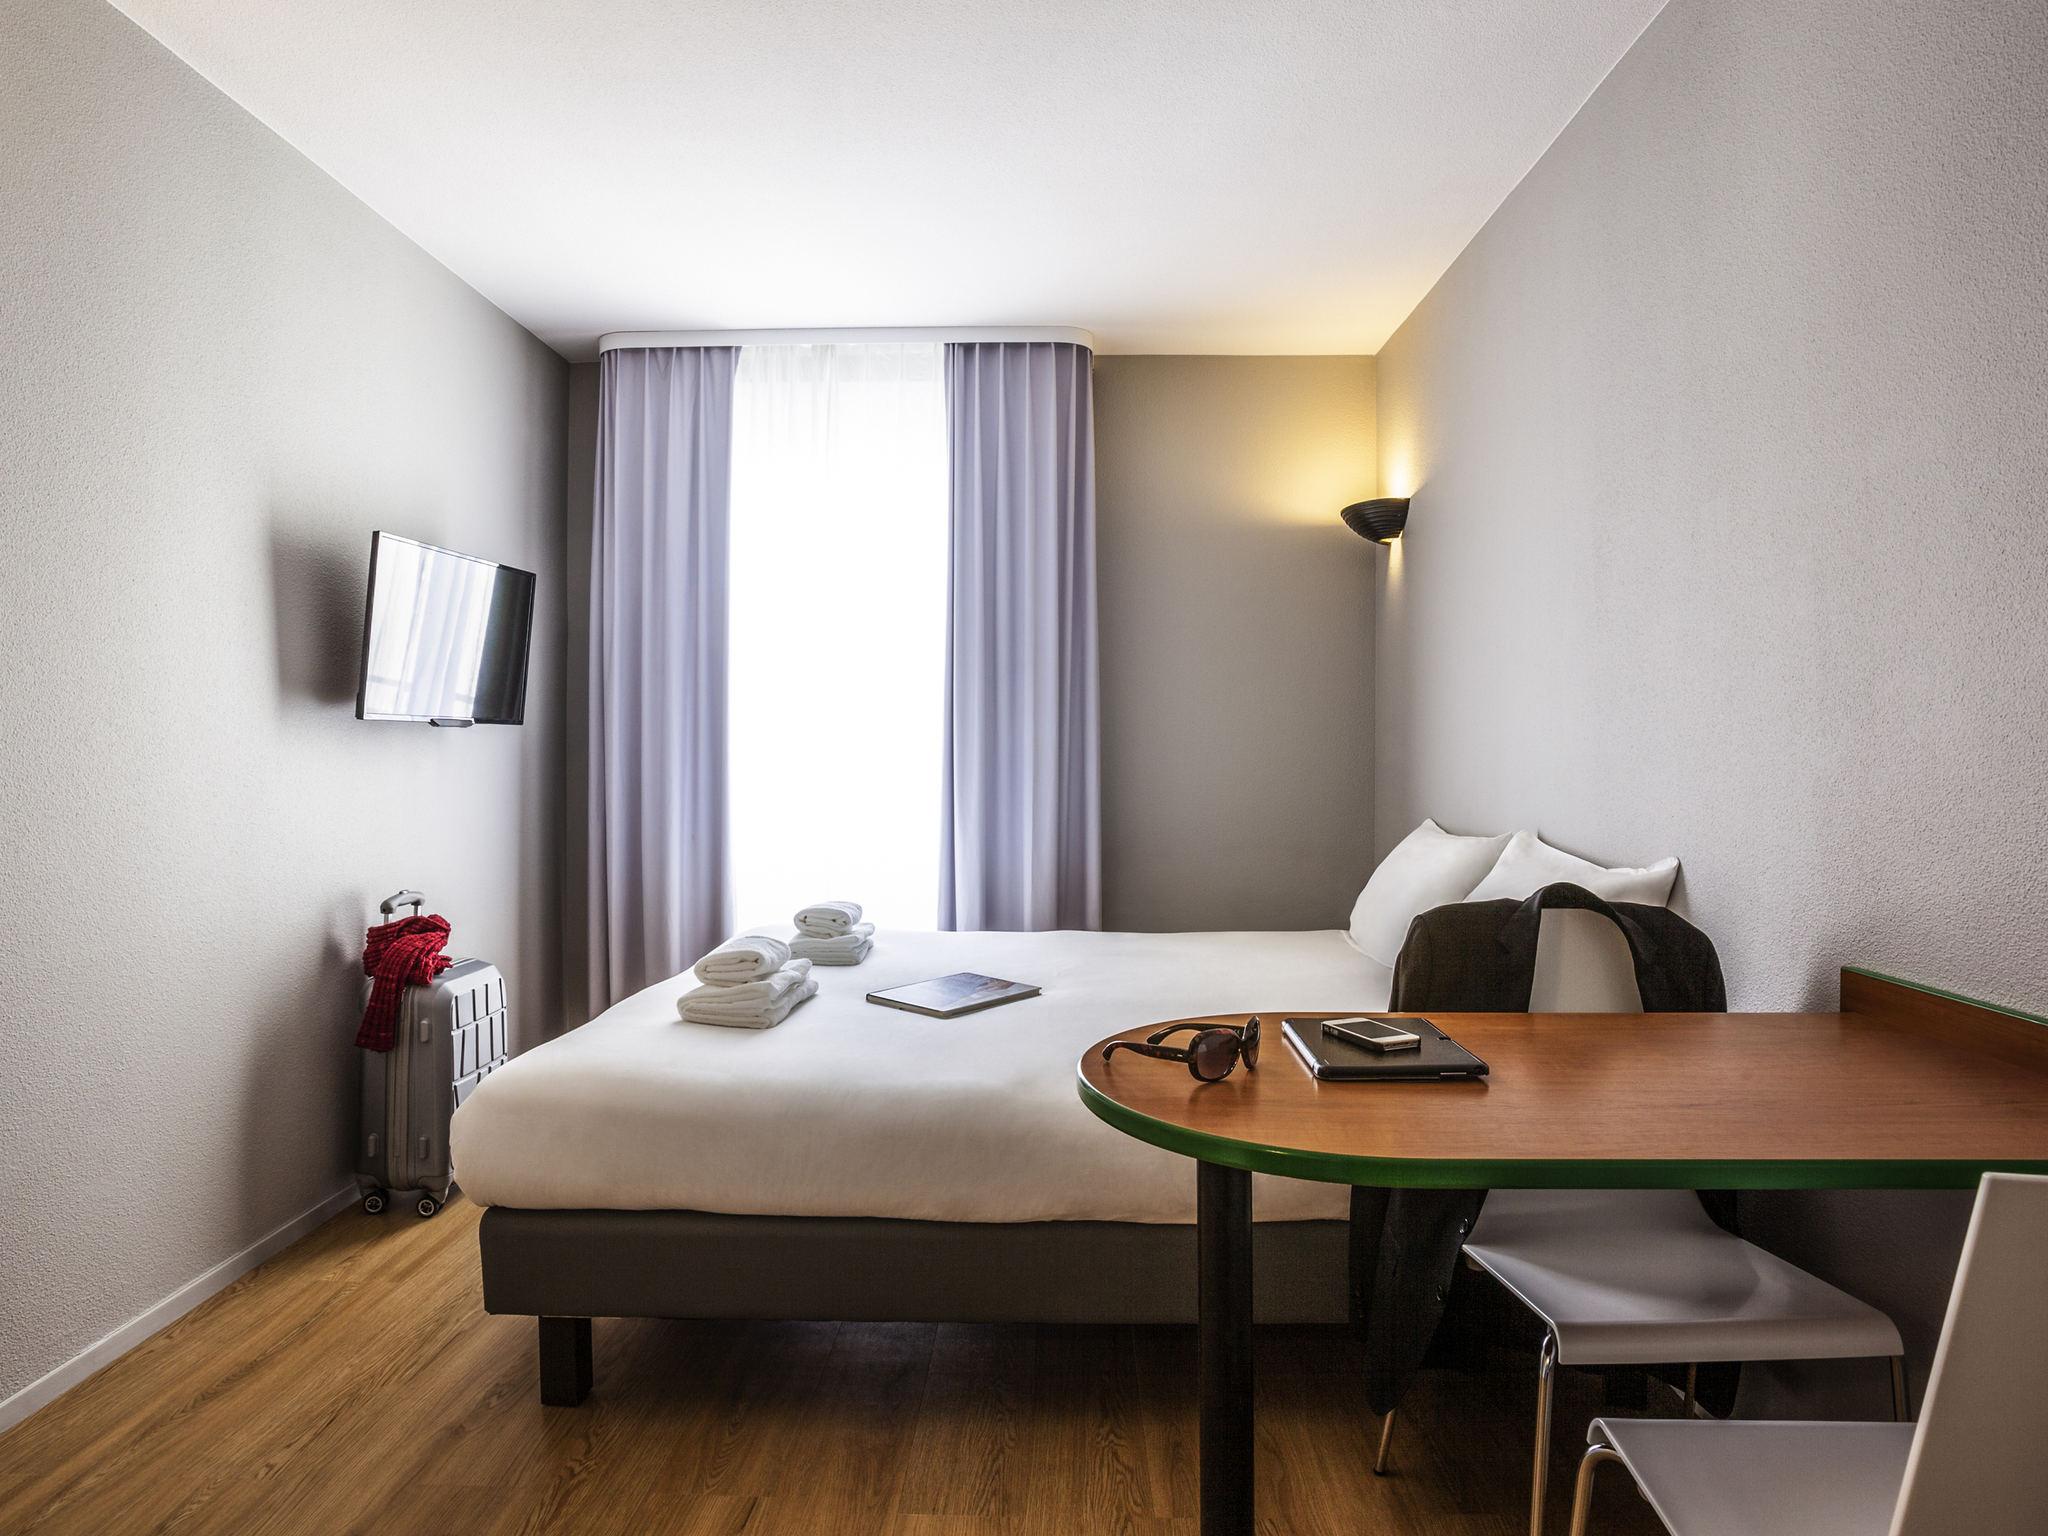 酒店 – 阿德吉奥阿克瑟斯巴黎迈松阿尔福酒店